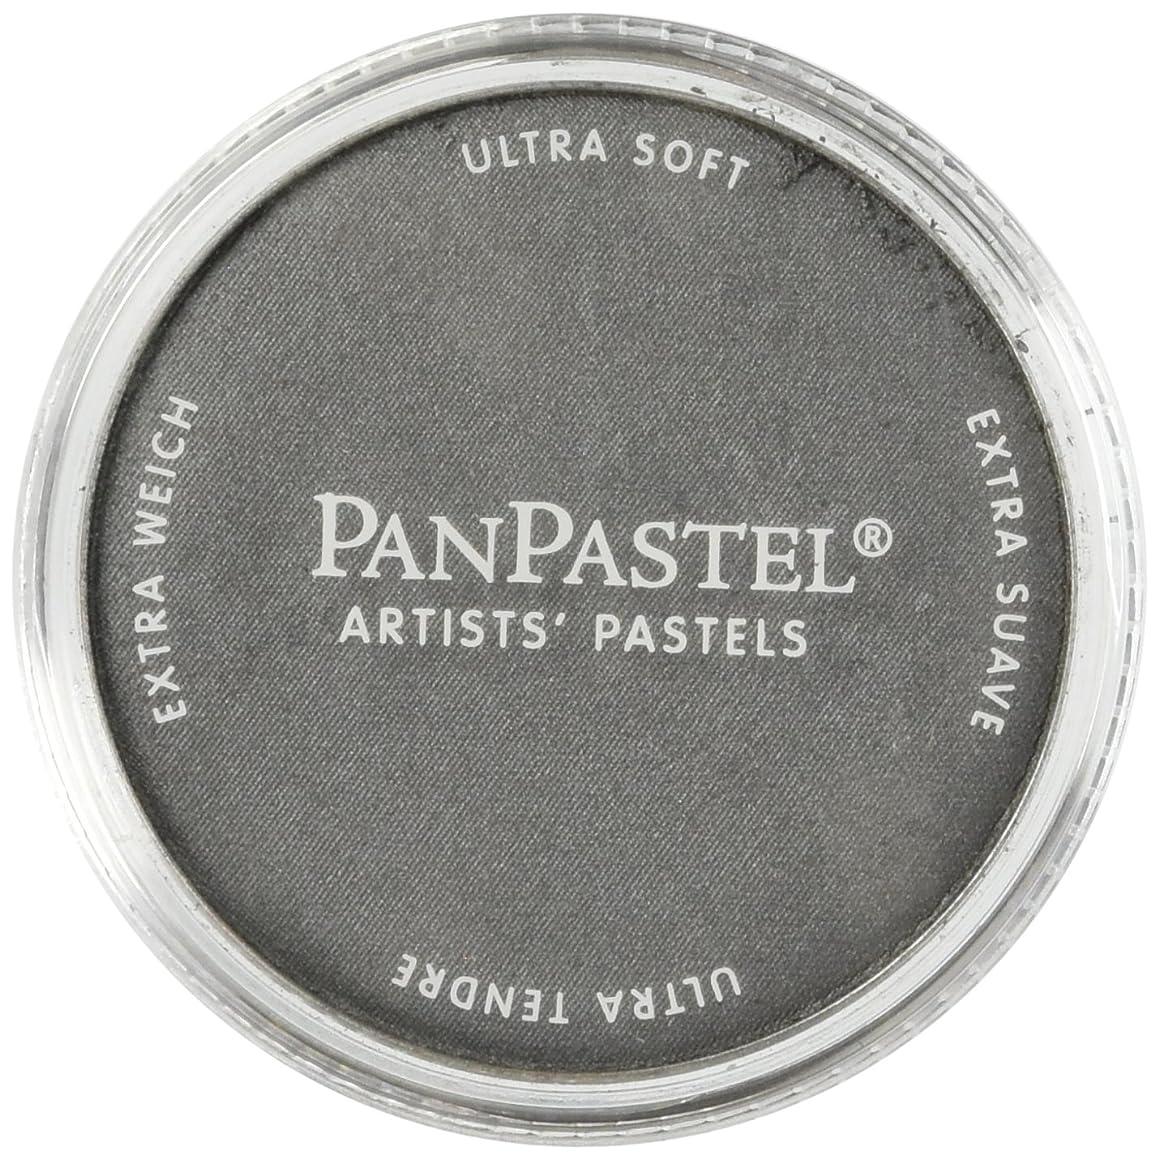 Colorfin PanPastel Ultra Soft Metallic Artist Pastels, 9ml, Pewter